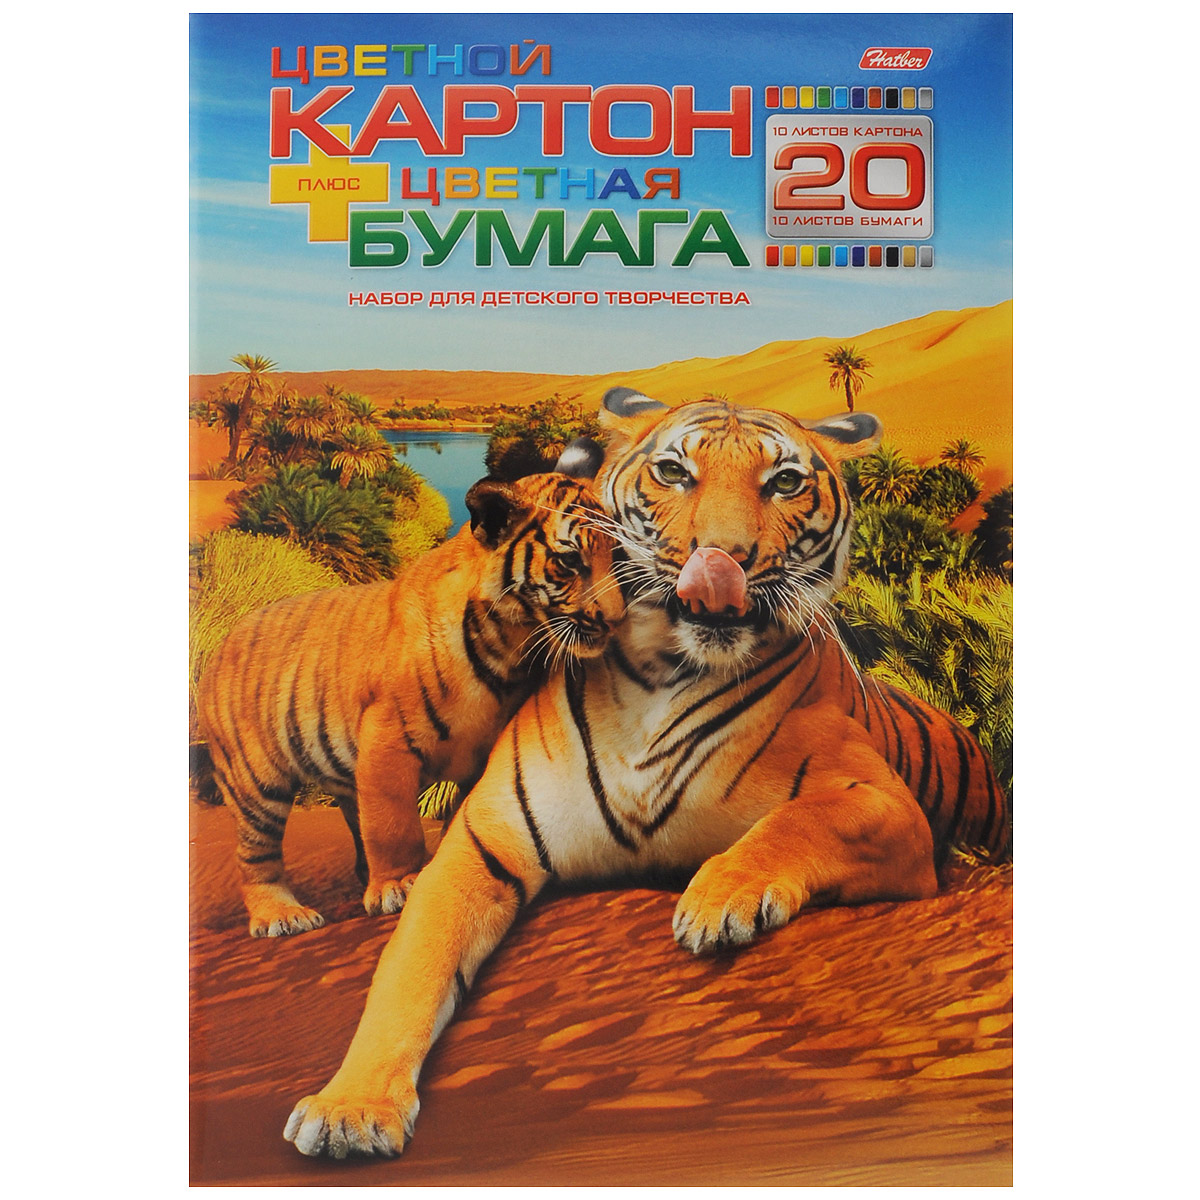 Набор бумаги и цветного картона Hatber Тигры, 20 листов20НКБ4_09804Набор бумаги и цветного картона Hatber Тигры позволит вашему малышу раскрыть свой творческий потенциал.Набор содержит 10 листов цветного картона и 10 листов цветной бумаги желтого, серебряного, золотого, оранжевого, красного, синего, голубого, зеленого, коричневого и черного цветов.На внутренней стороне обложки расположены изображения слона и льва, которые ребенок сможет раскрасить по своему желанию.Создание поделок из цветной бумаги и картона - это увлекательнейший процесс, способствующий развитию у ребенка фантазии и творческого мышления.Набор не содержит каких-либо инструкций - ребенок может дать волю своей фантазии и создавать собственные шедевры! Набор прекрасно подойдет для рисования, создания аппликаций, оригами, изготовления поделок из картона и бумаги. Порадуйте своего малыша таким замечательным подарком!Рекомендуемый возраст от 6 лет.